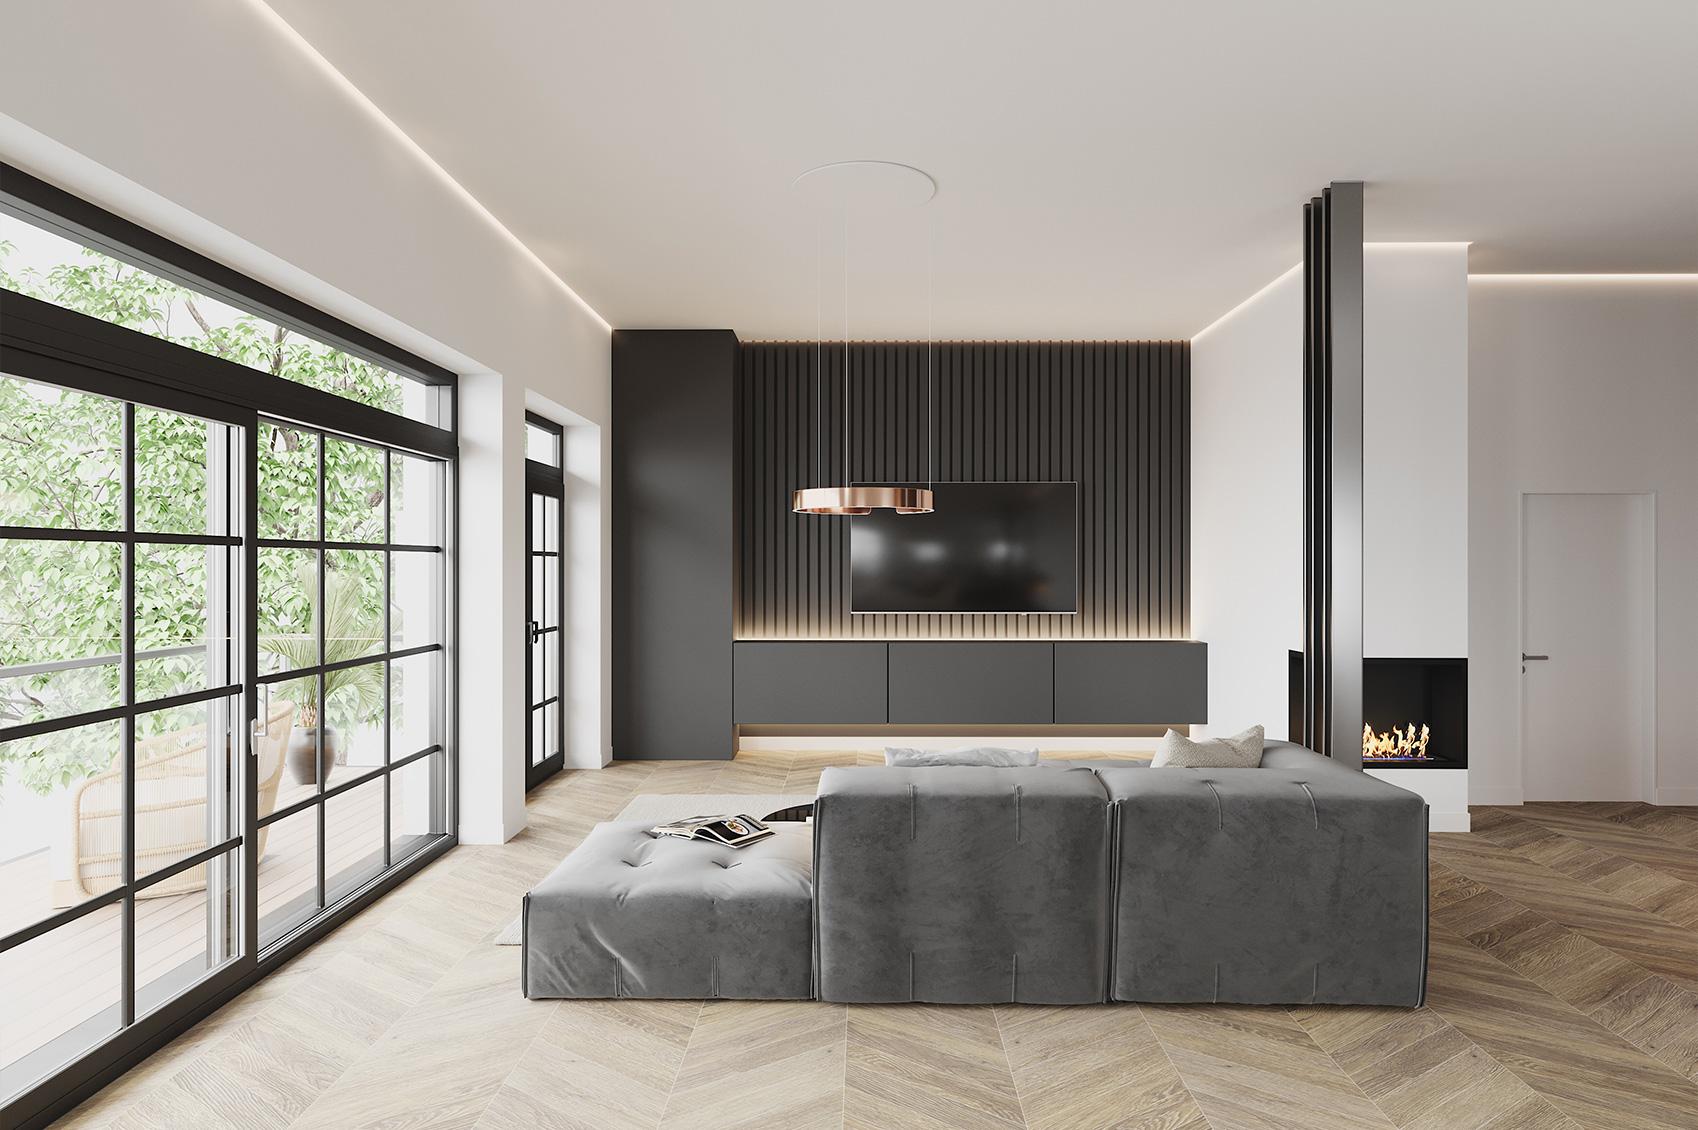 Innenraumvisualisierung Loftwohnung Wohnzimmer